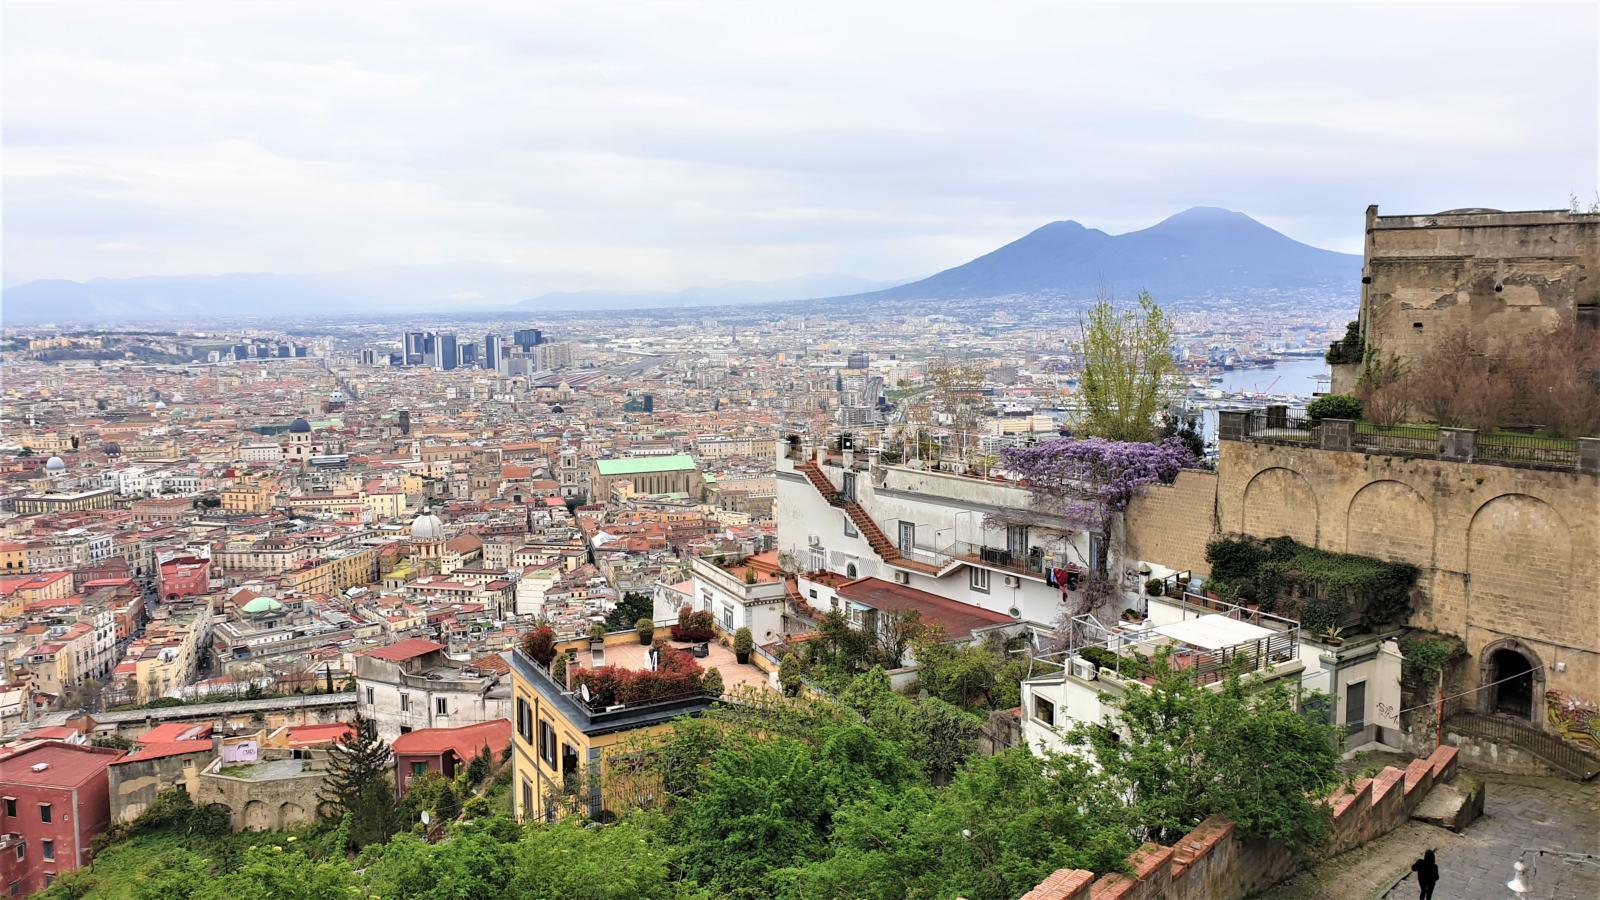 Vista di Napoli da Piazzale San Martino